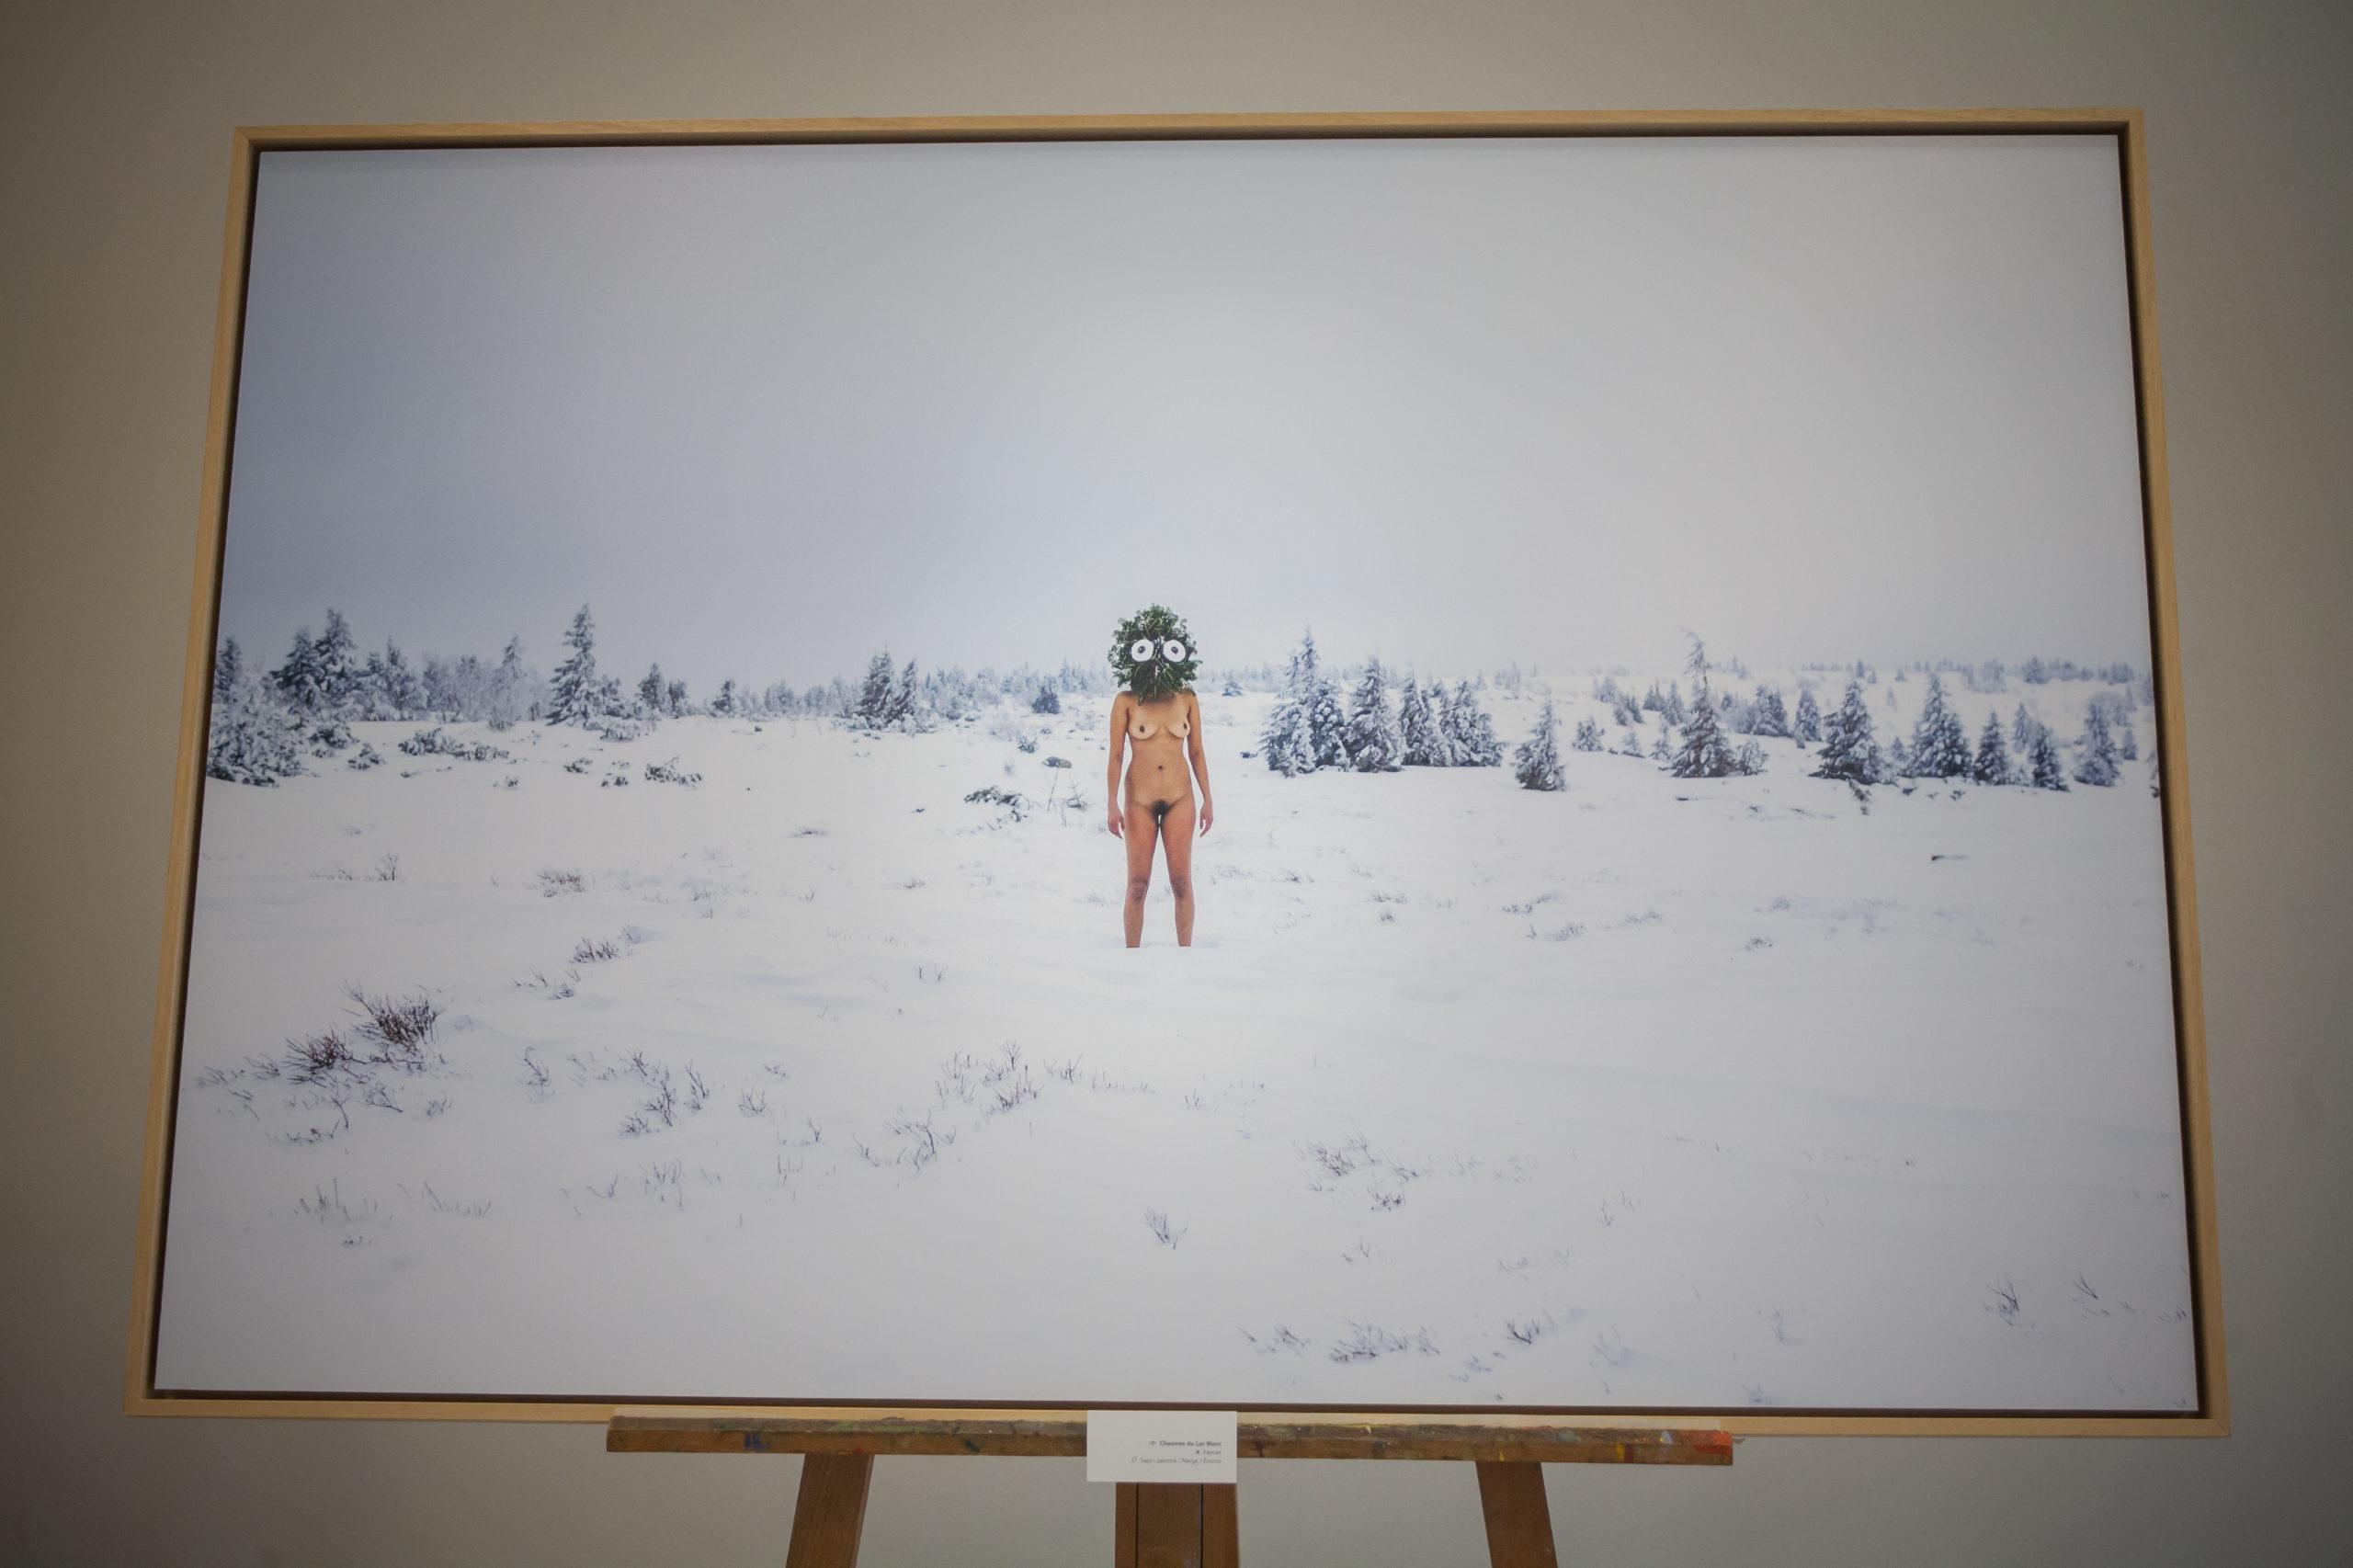 Une œuvre du projet photo « Être(s) » réalisé par le plasticien Hugo Mairelle et le photographe Vincent Muller en Alsace